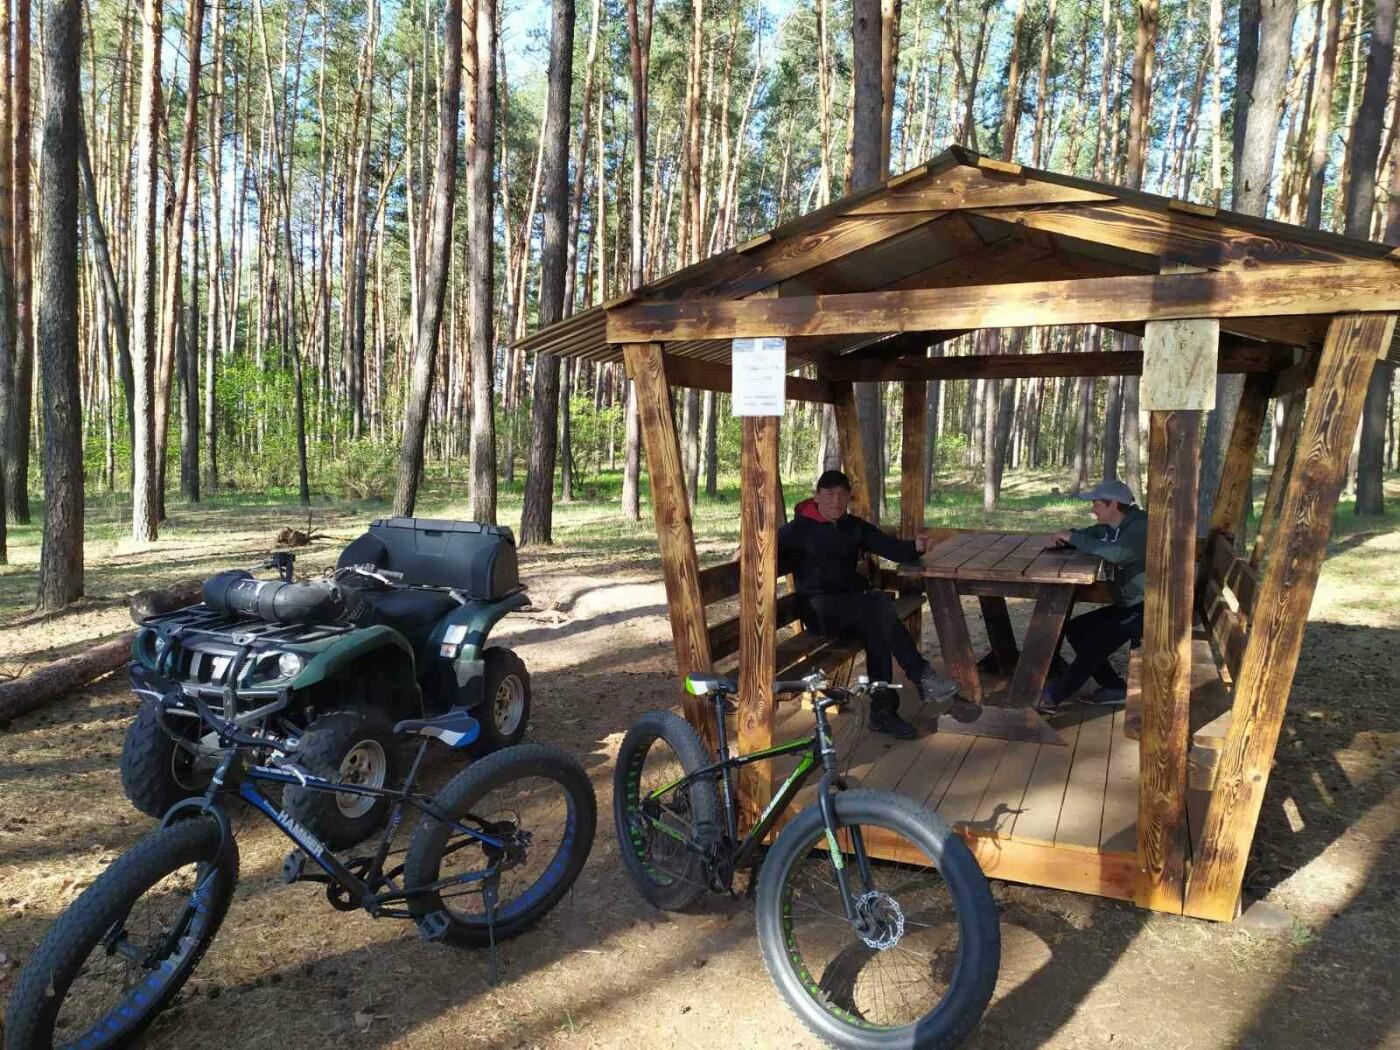 Активный отдых в Харькове - спортивные площадки, водный спорт, прокат и аренда транспорта, фото-56